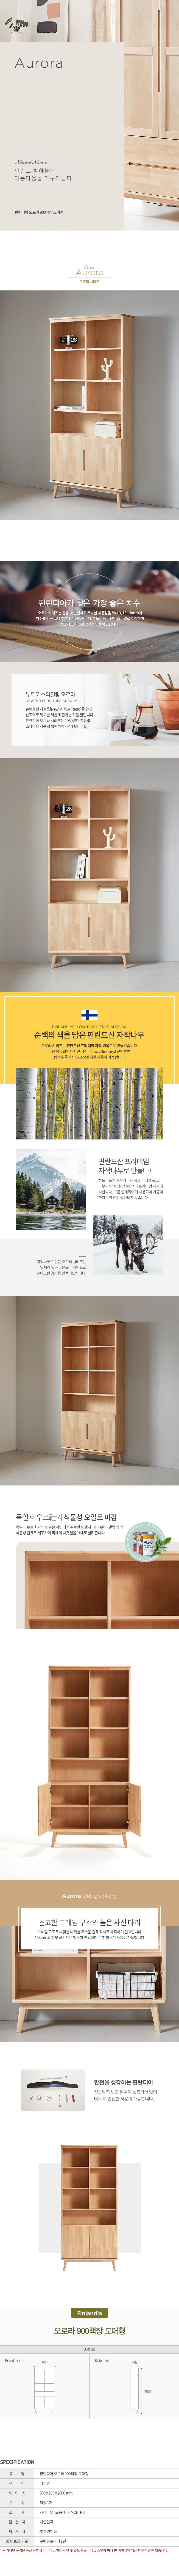 900bookcase_door.jpg